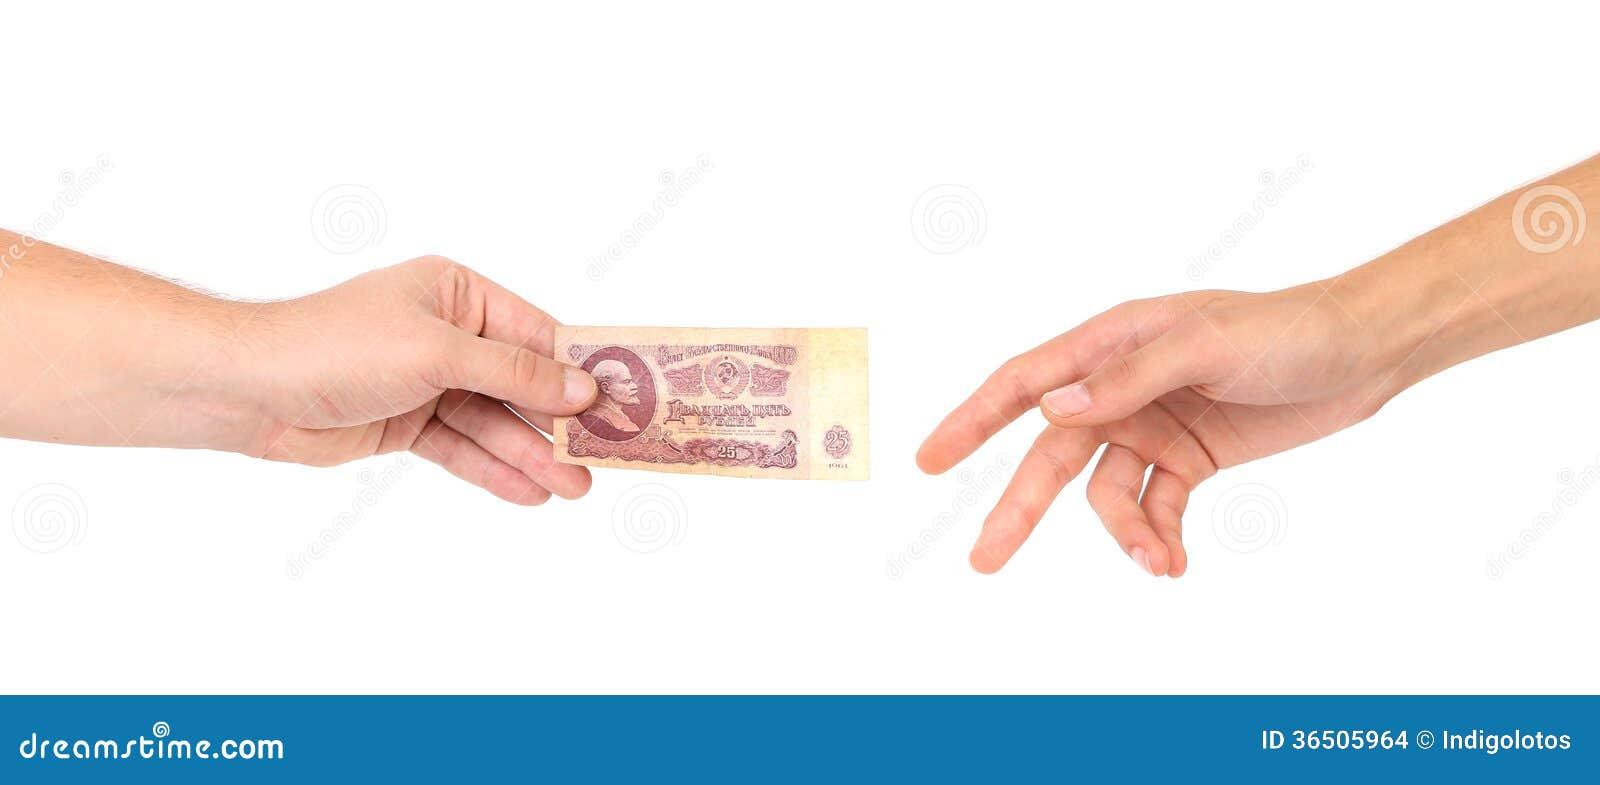 Cinquante roubles dans des mains.